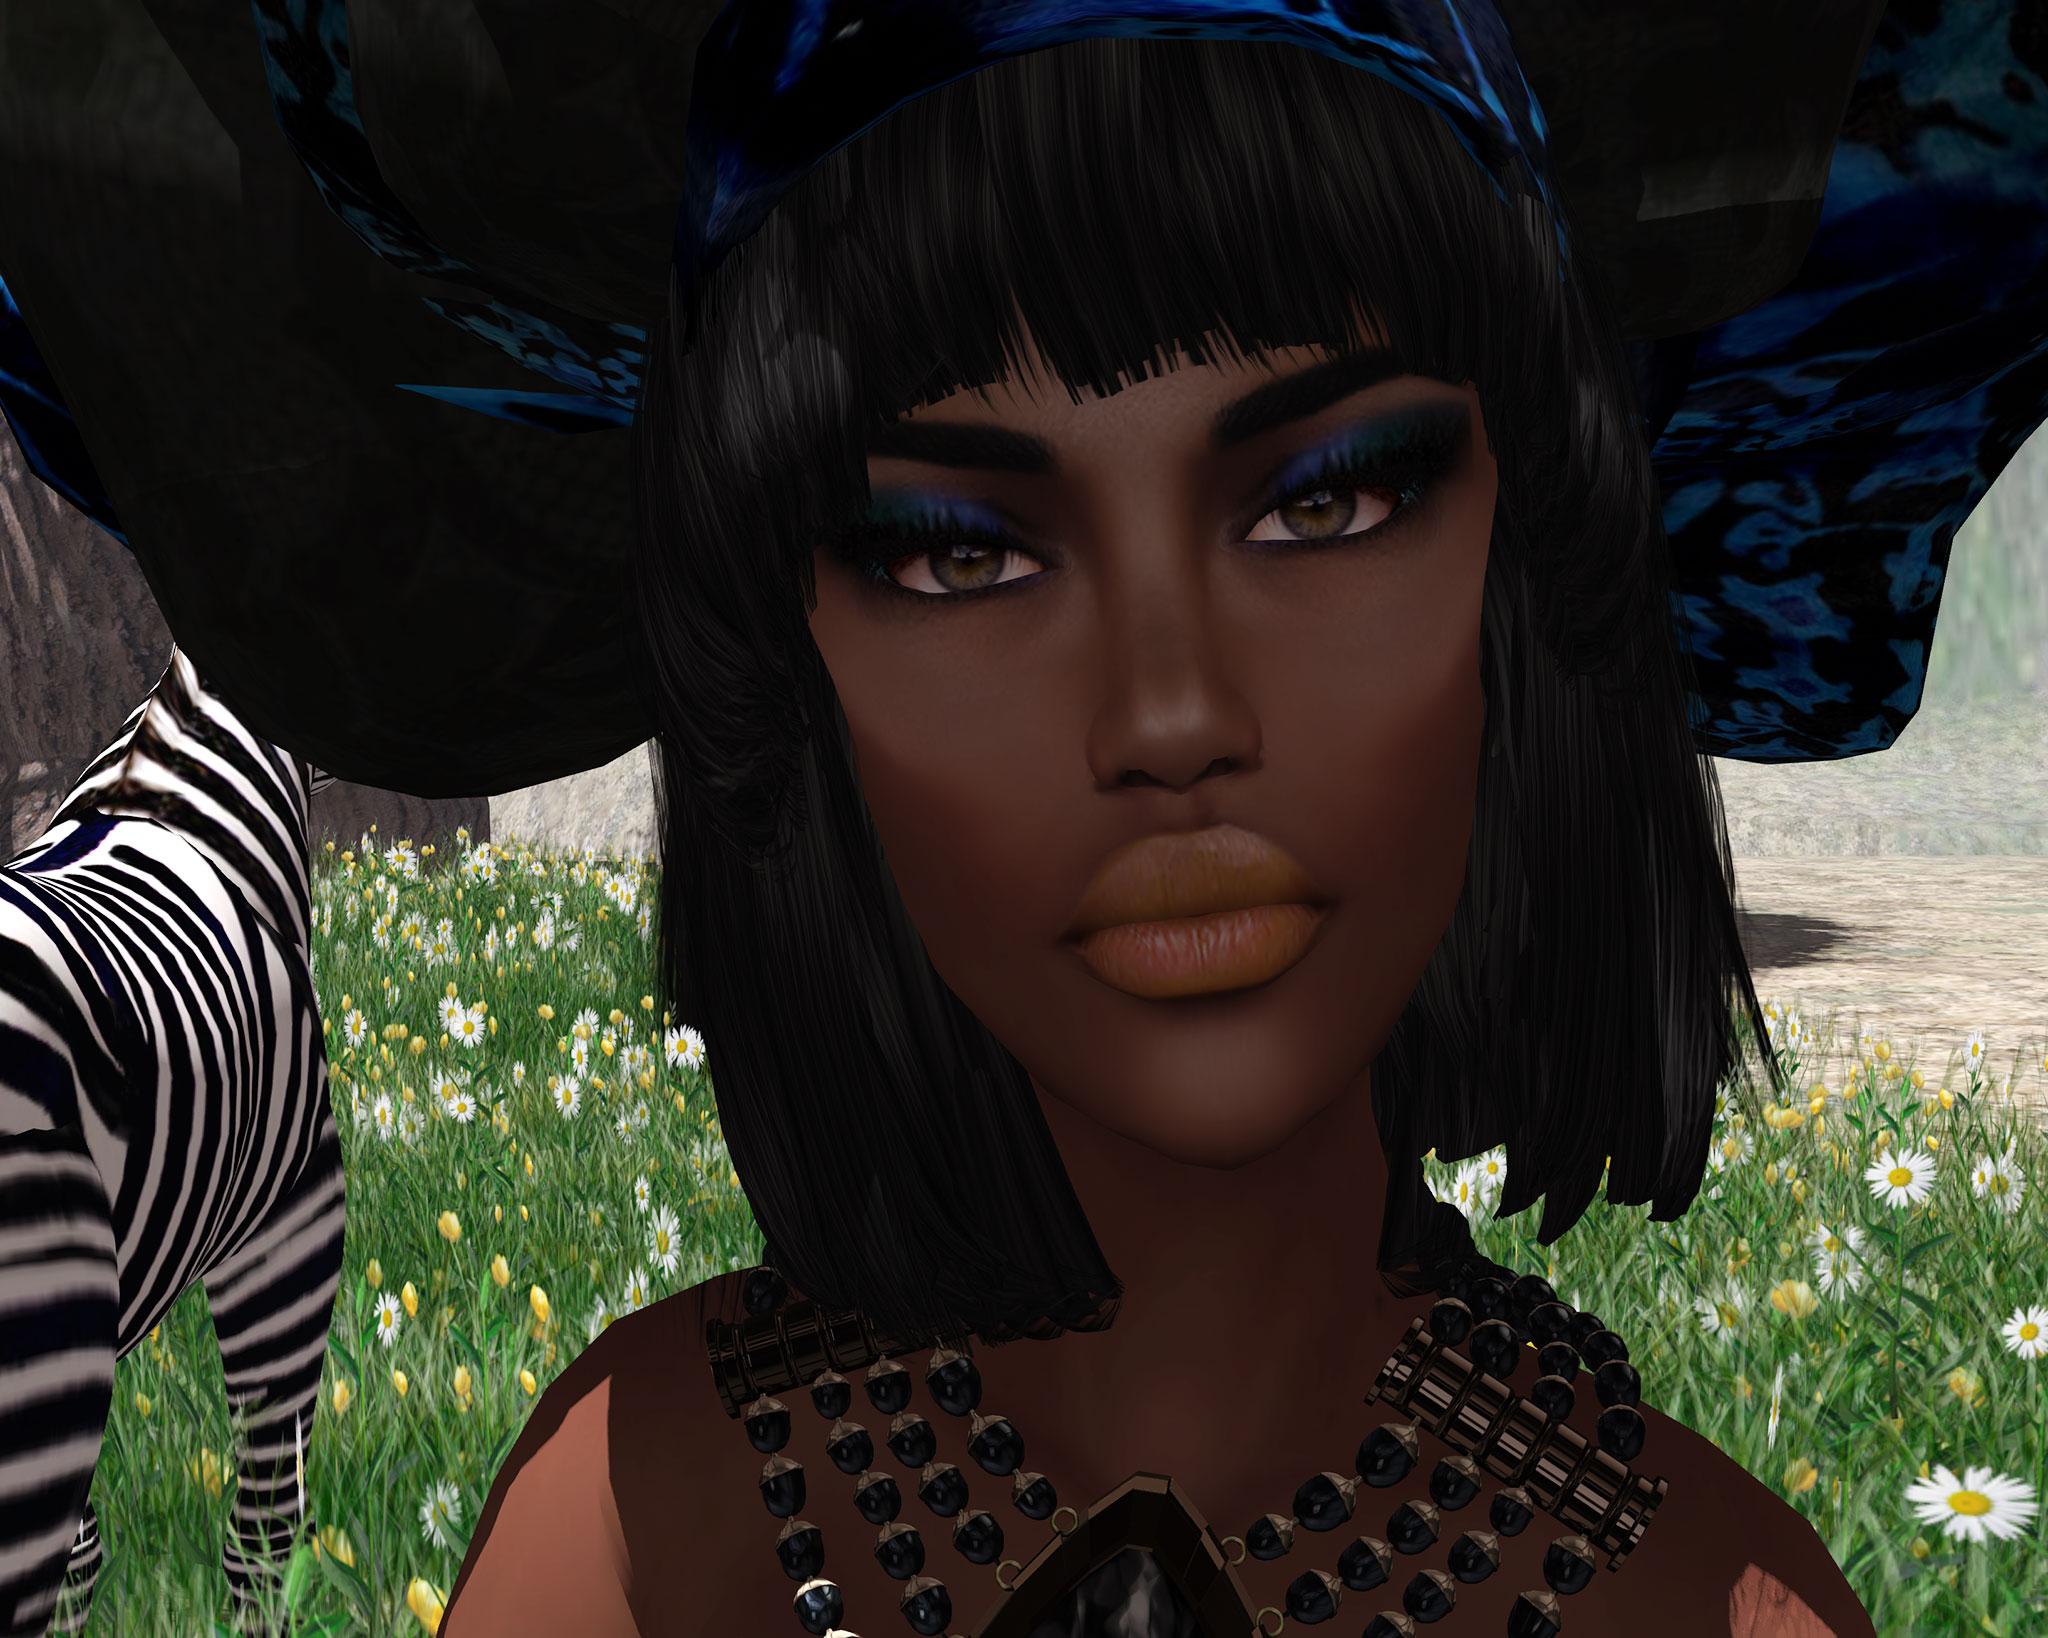 Flor featuring Deesse's Skins Lauren